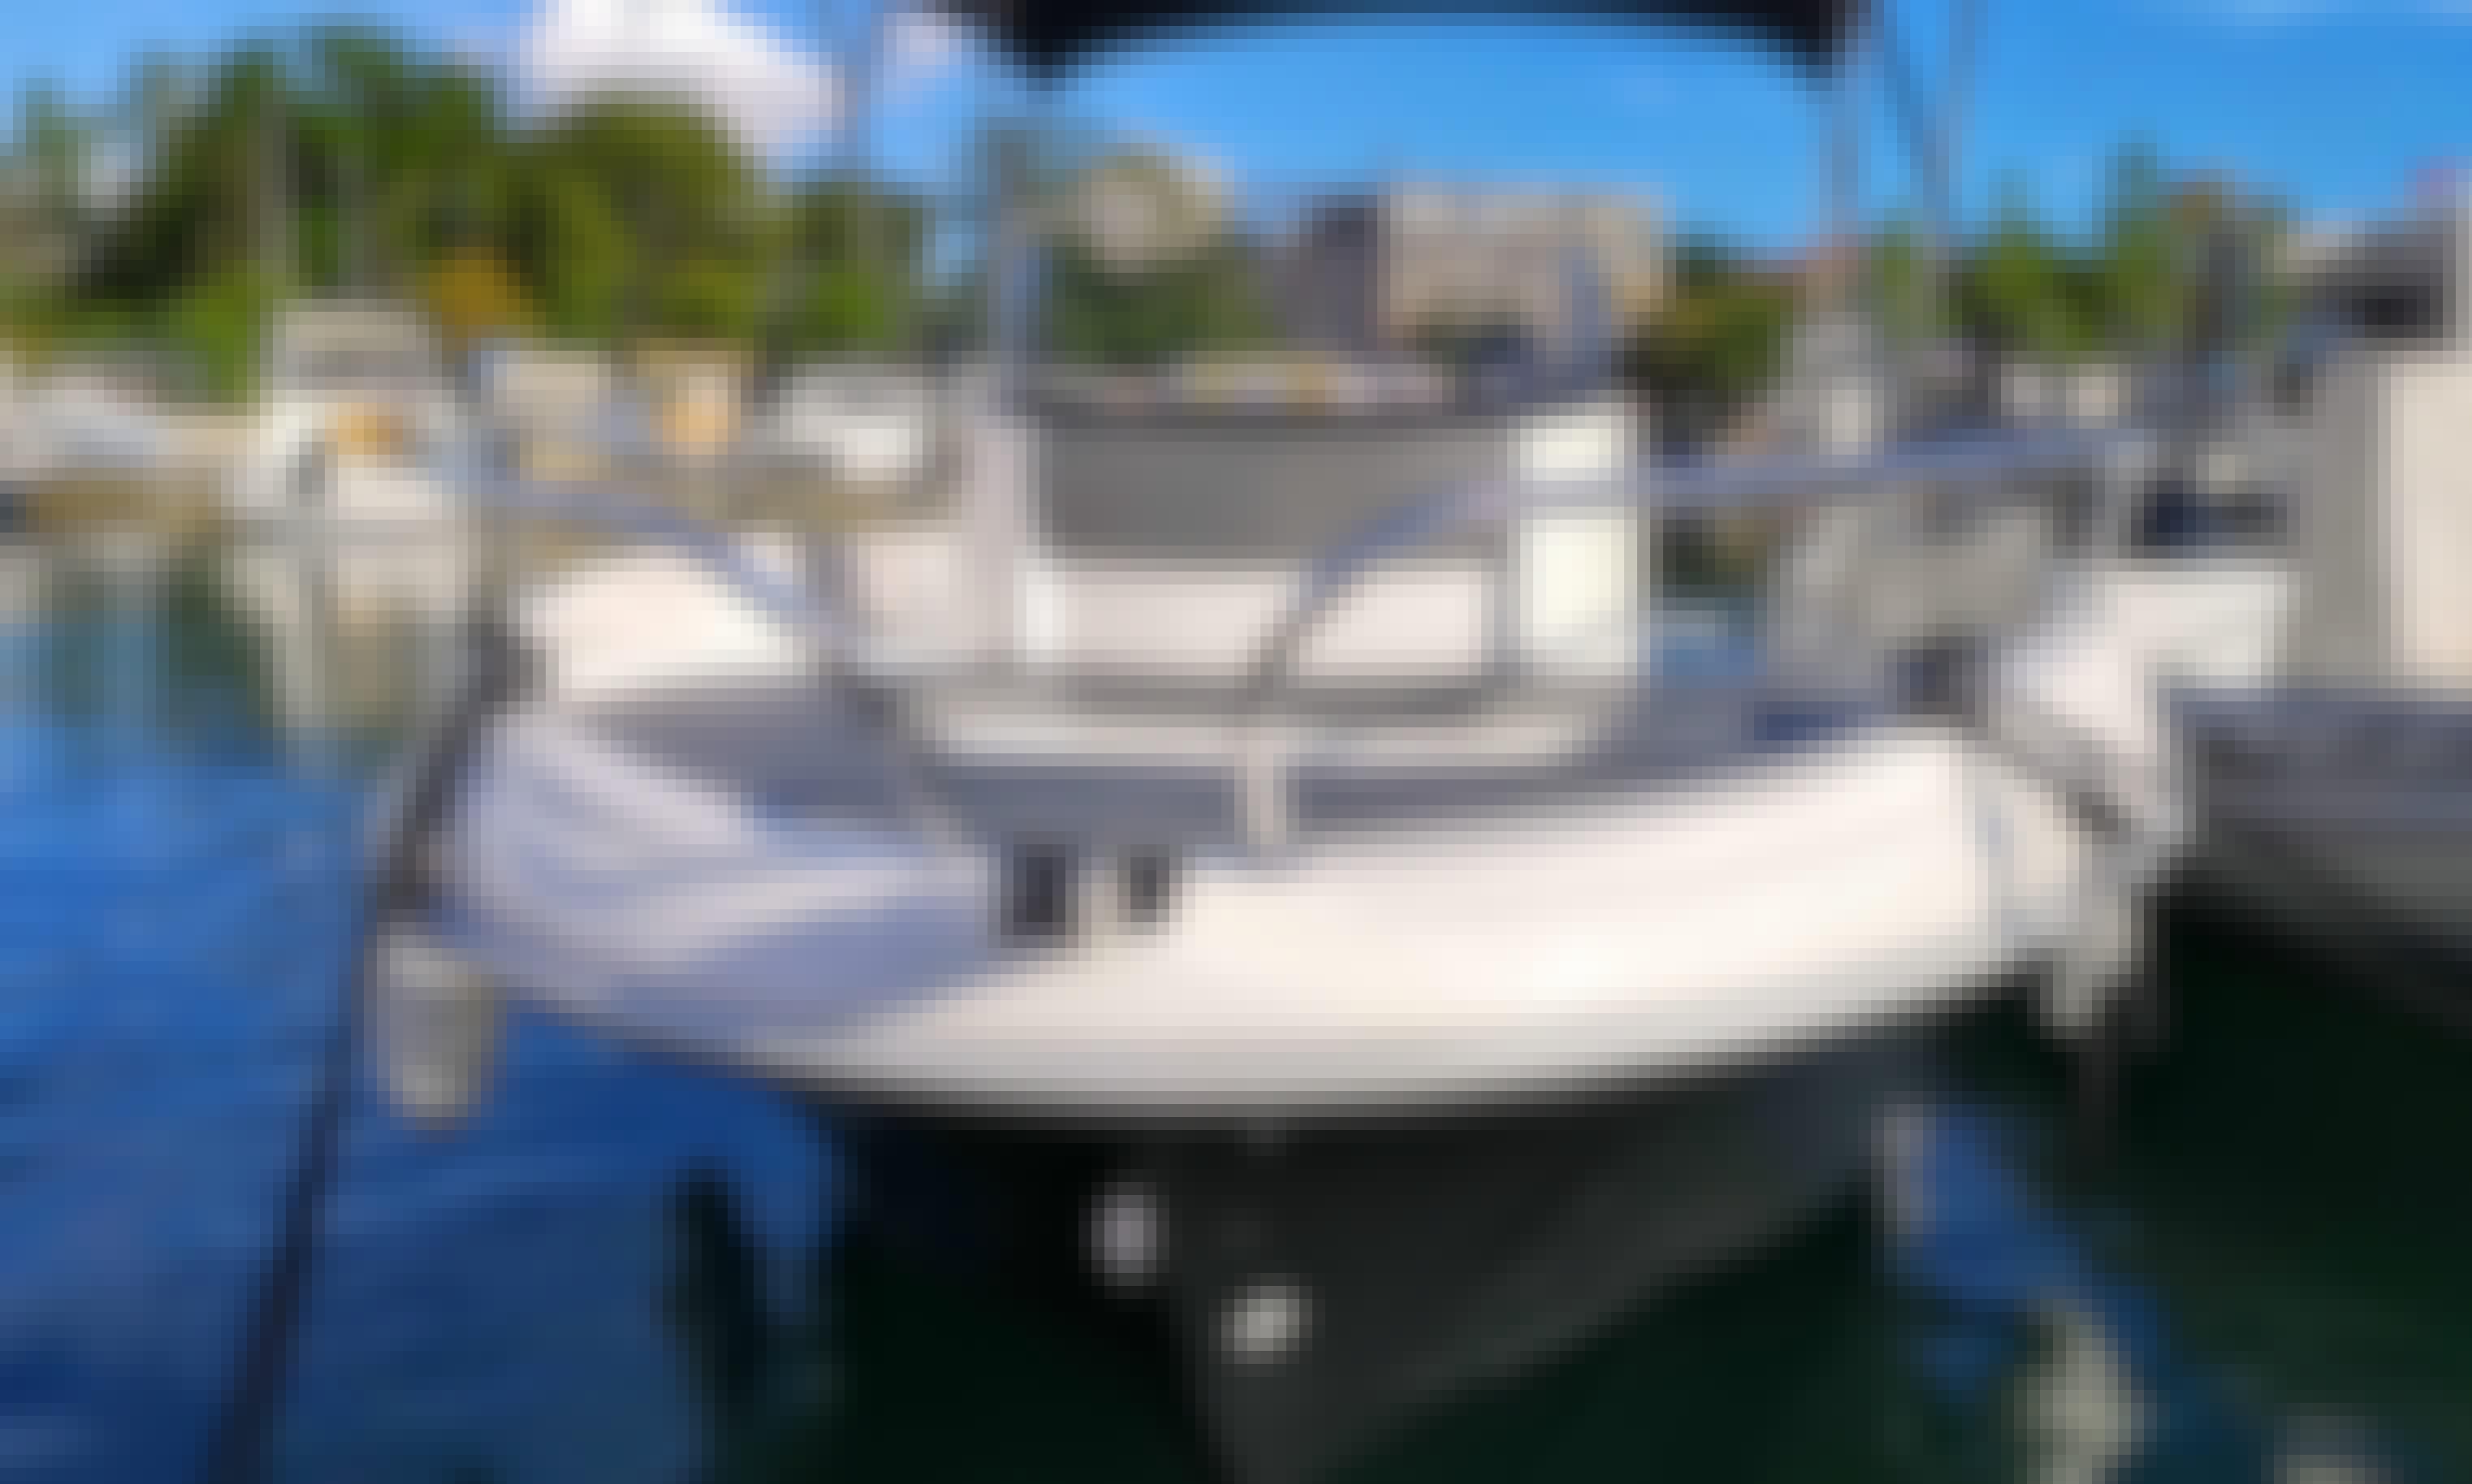 Rent-a boat Zadar, Croatia